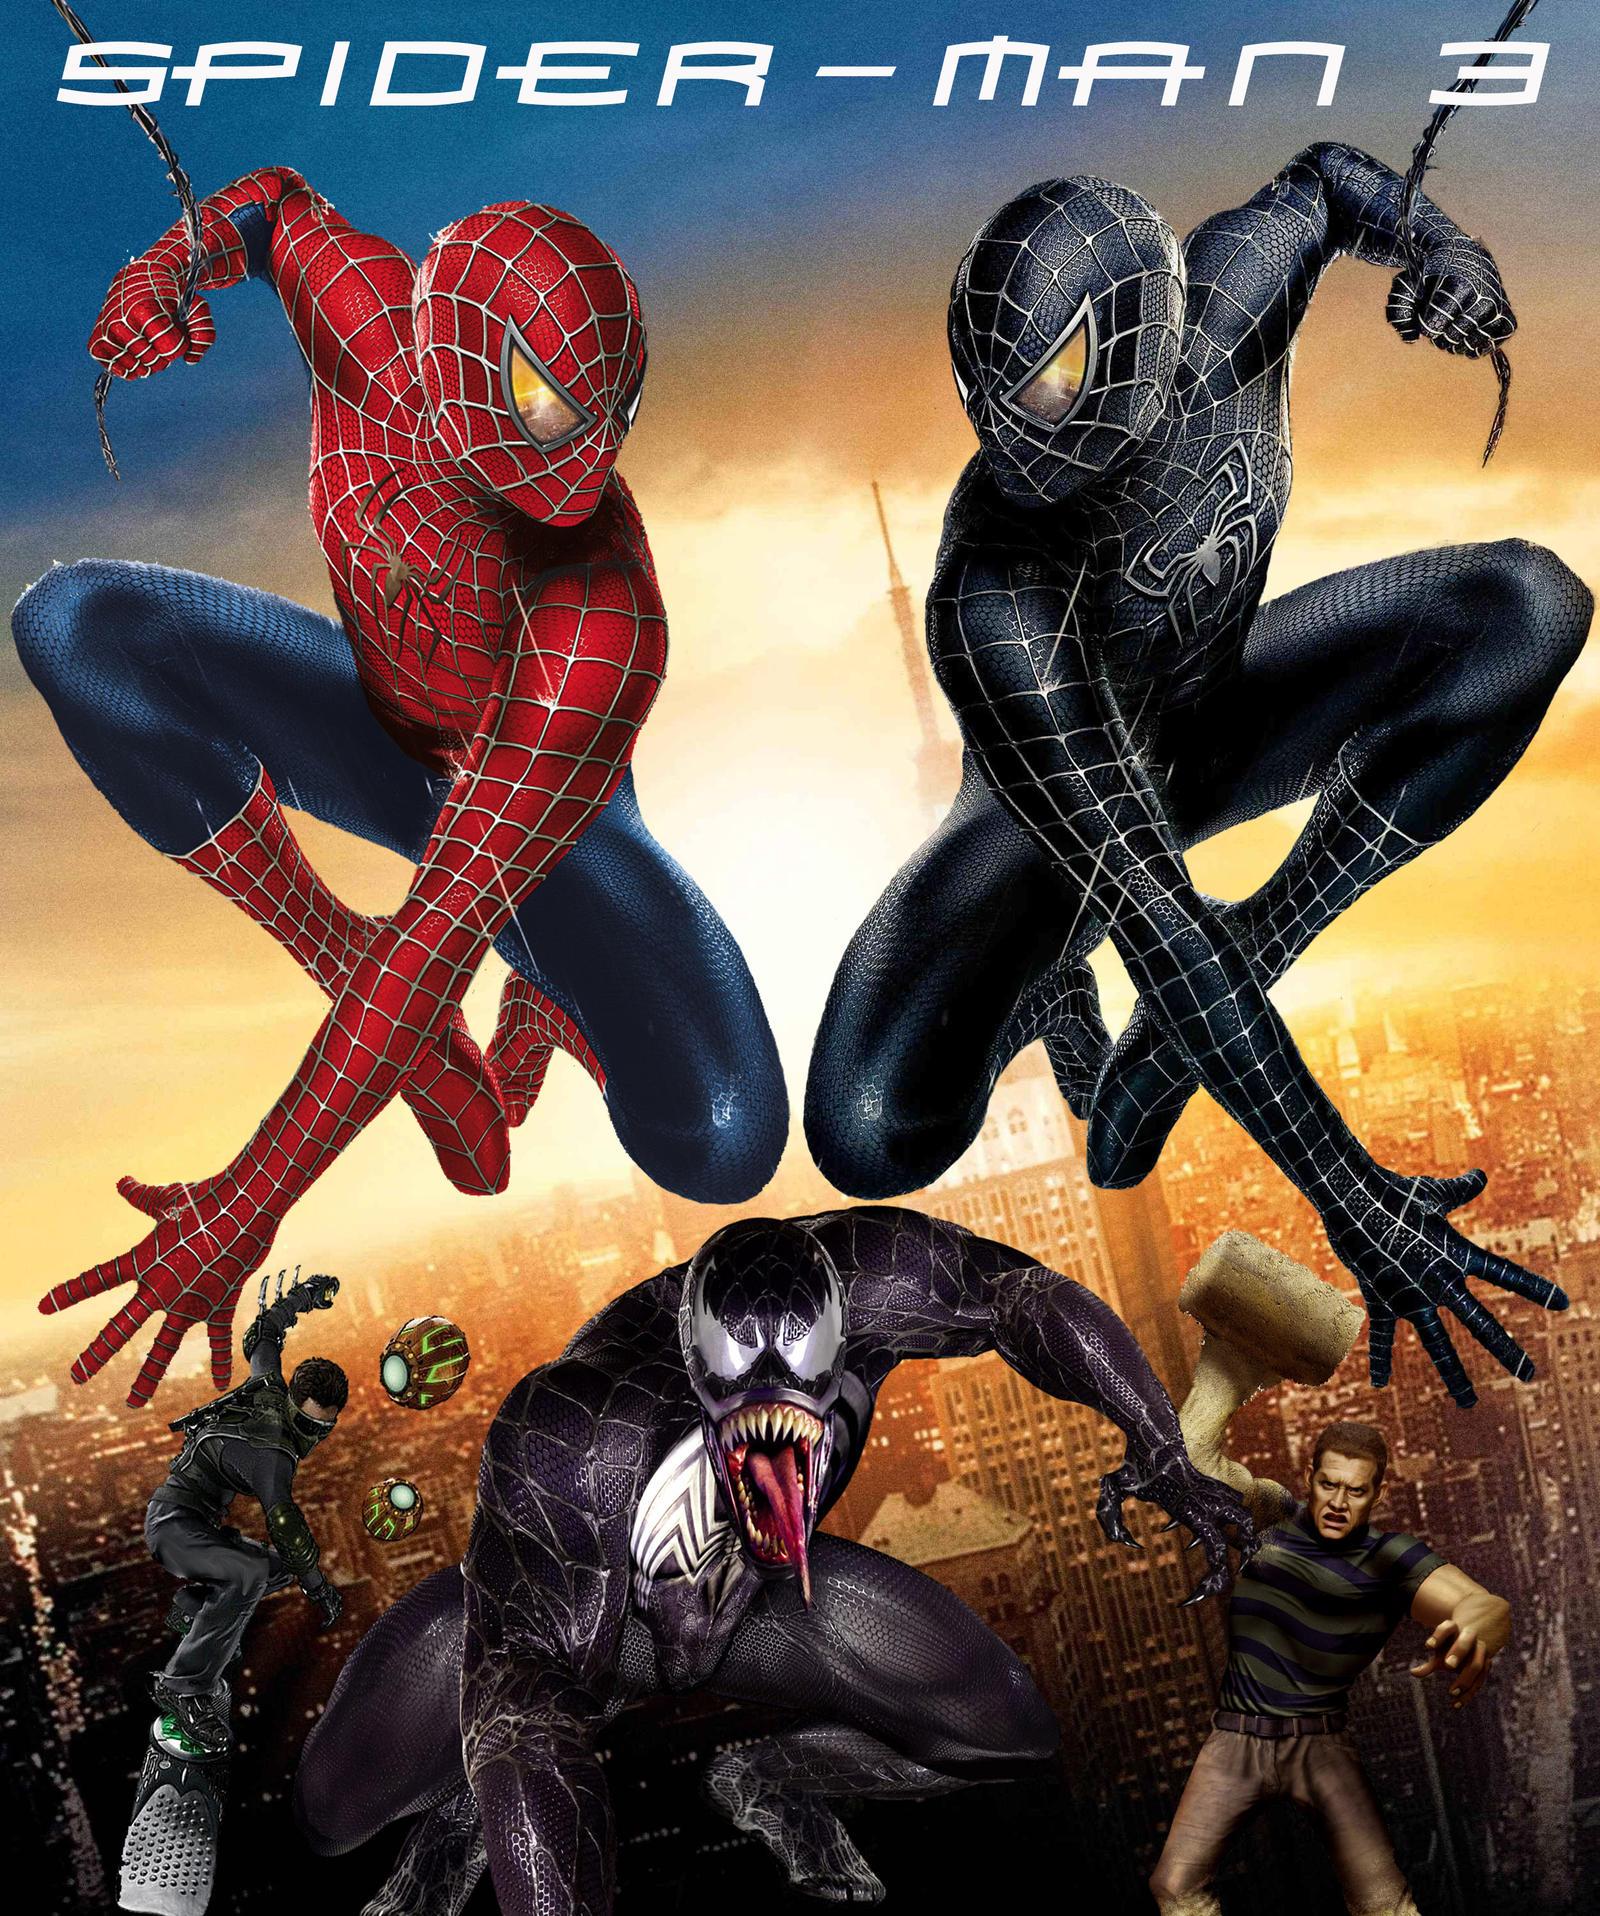 image gallery spider man 3 2007 poster. Black Bedroom Furniture Sets. Home Design Ideas